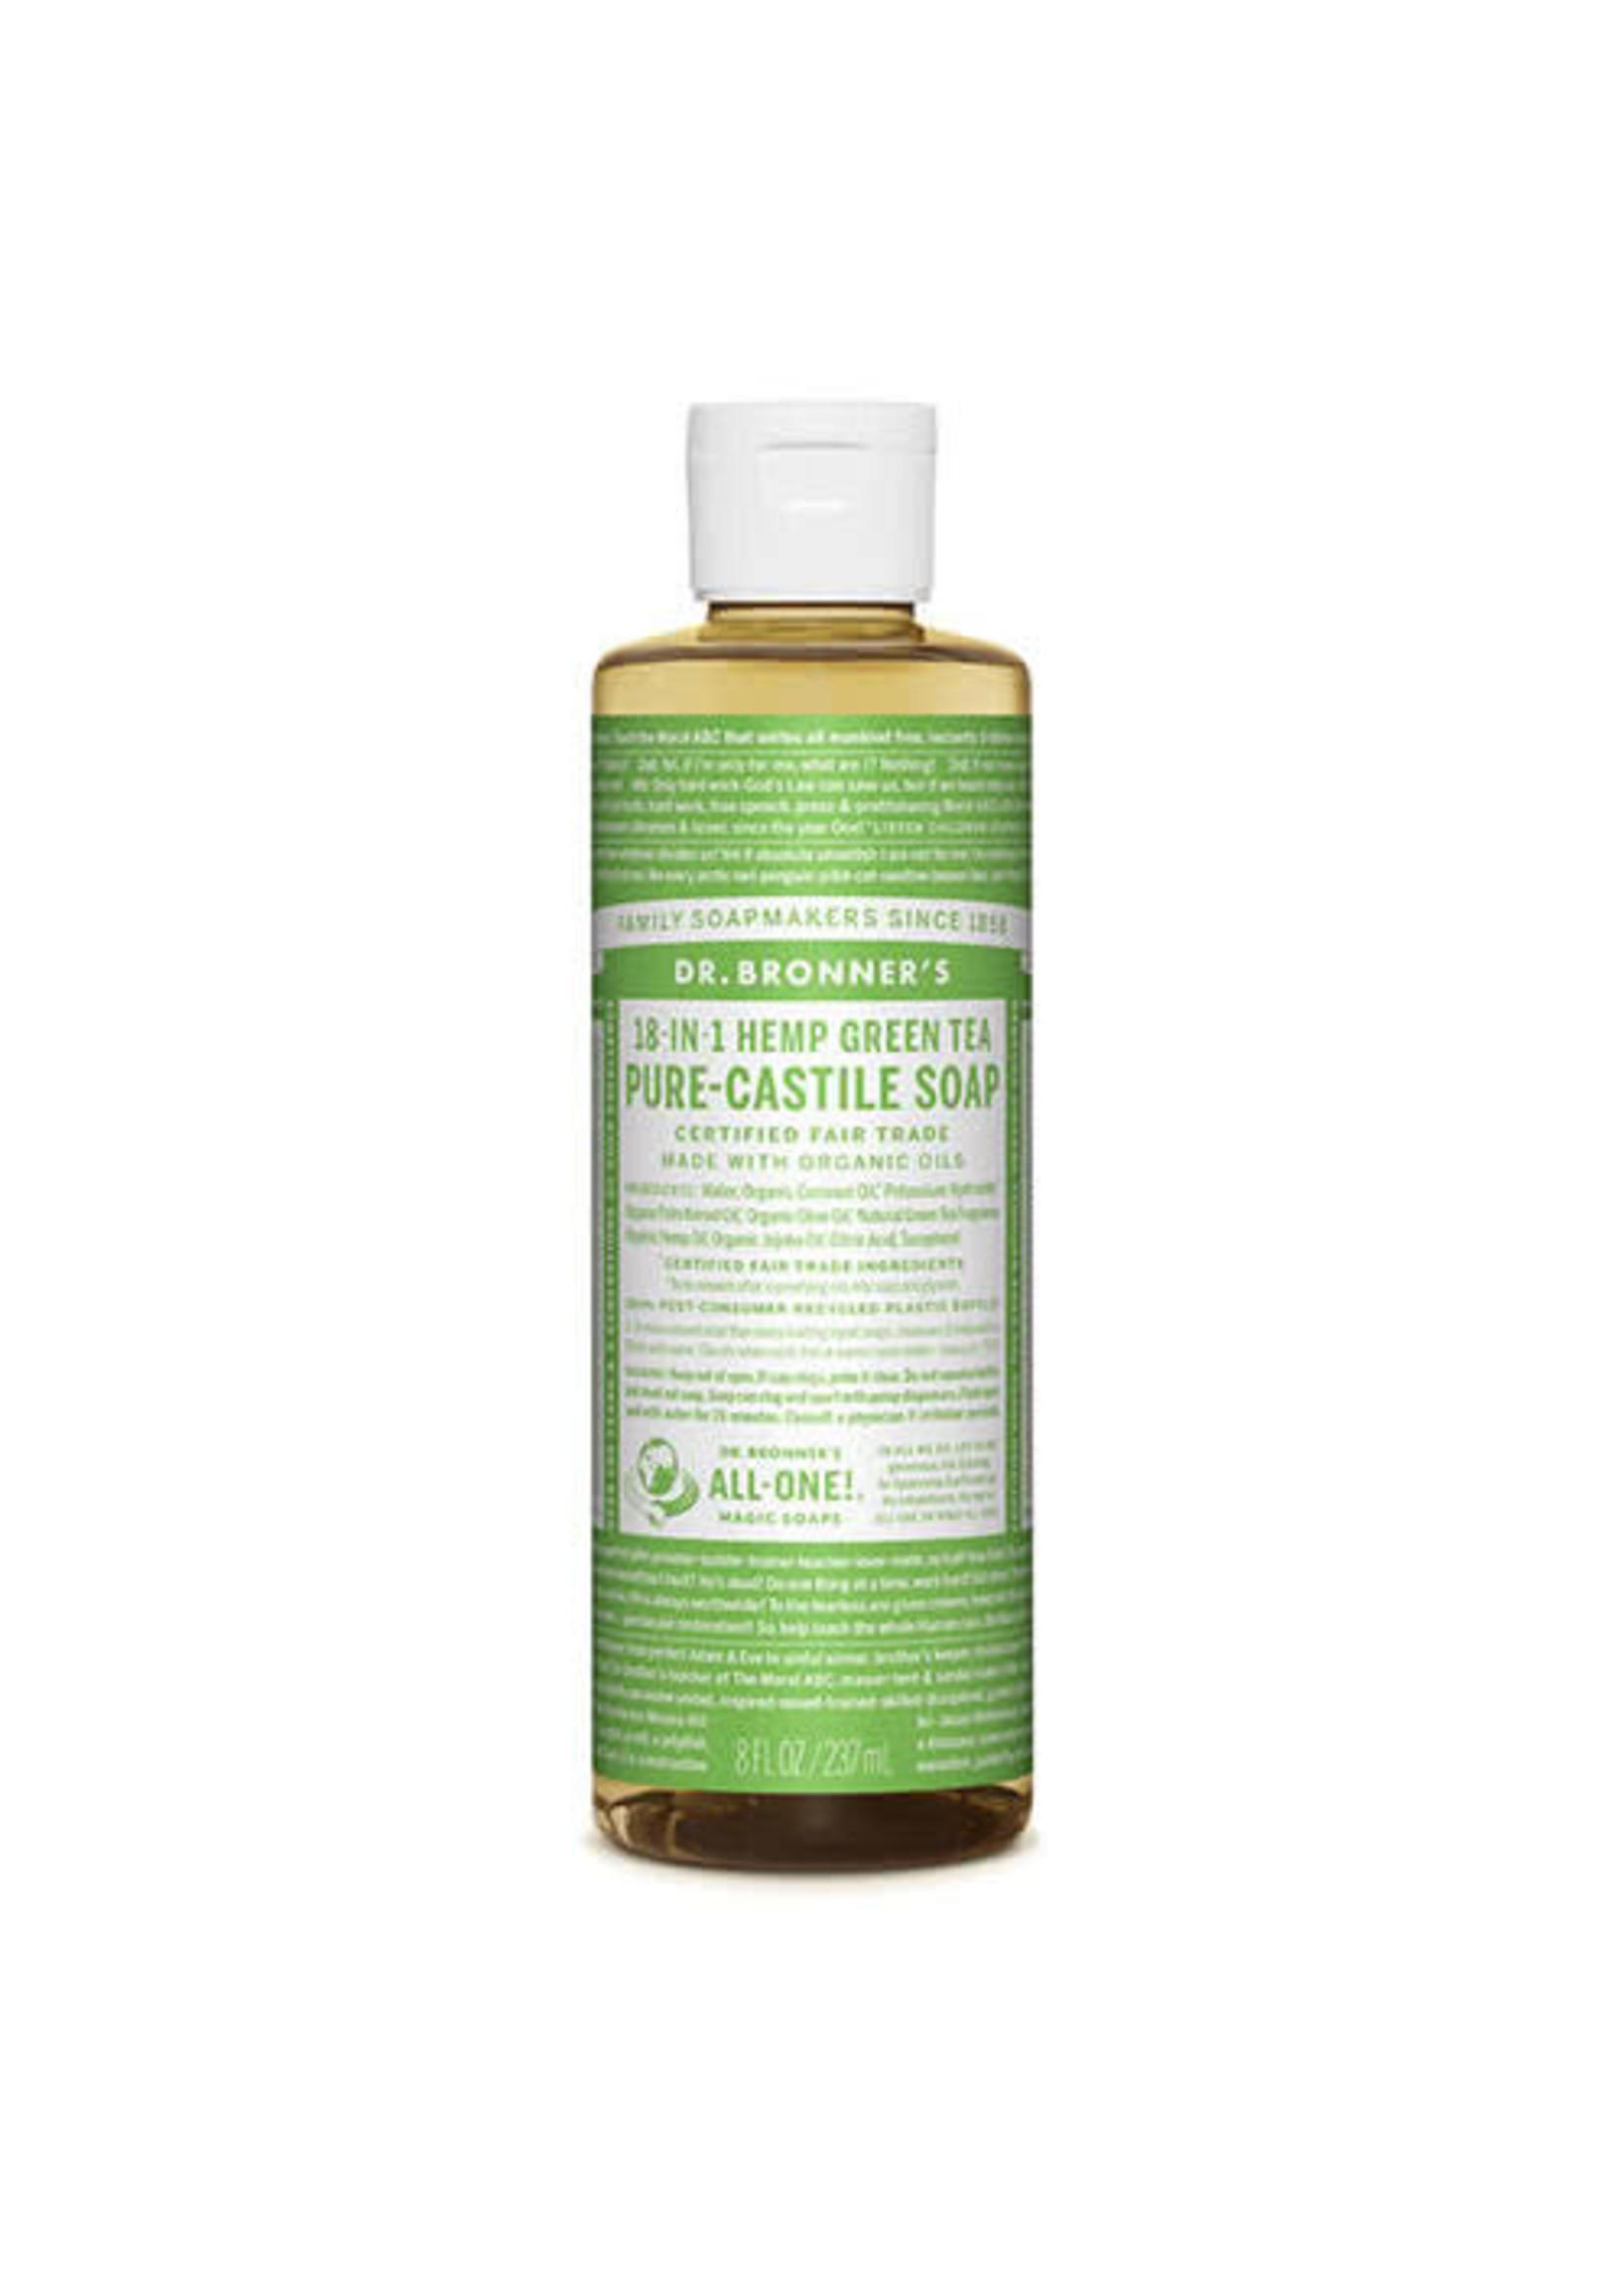 Dr Bronner's Dr Bronner's Pure Castile Liquid Soap Green Tea 237ml green label